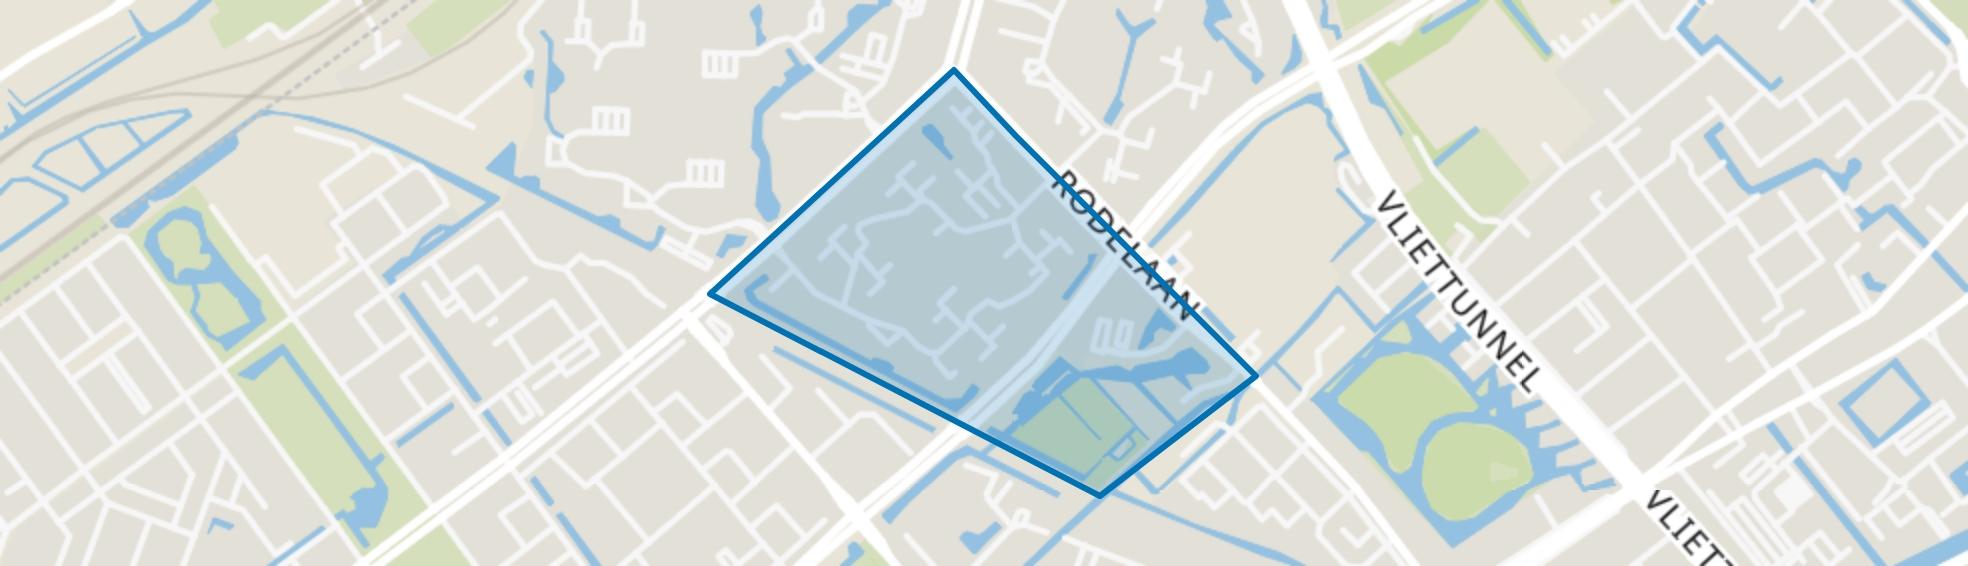 Essesteijn / Tuinen, Voorburg map